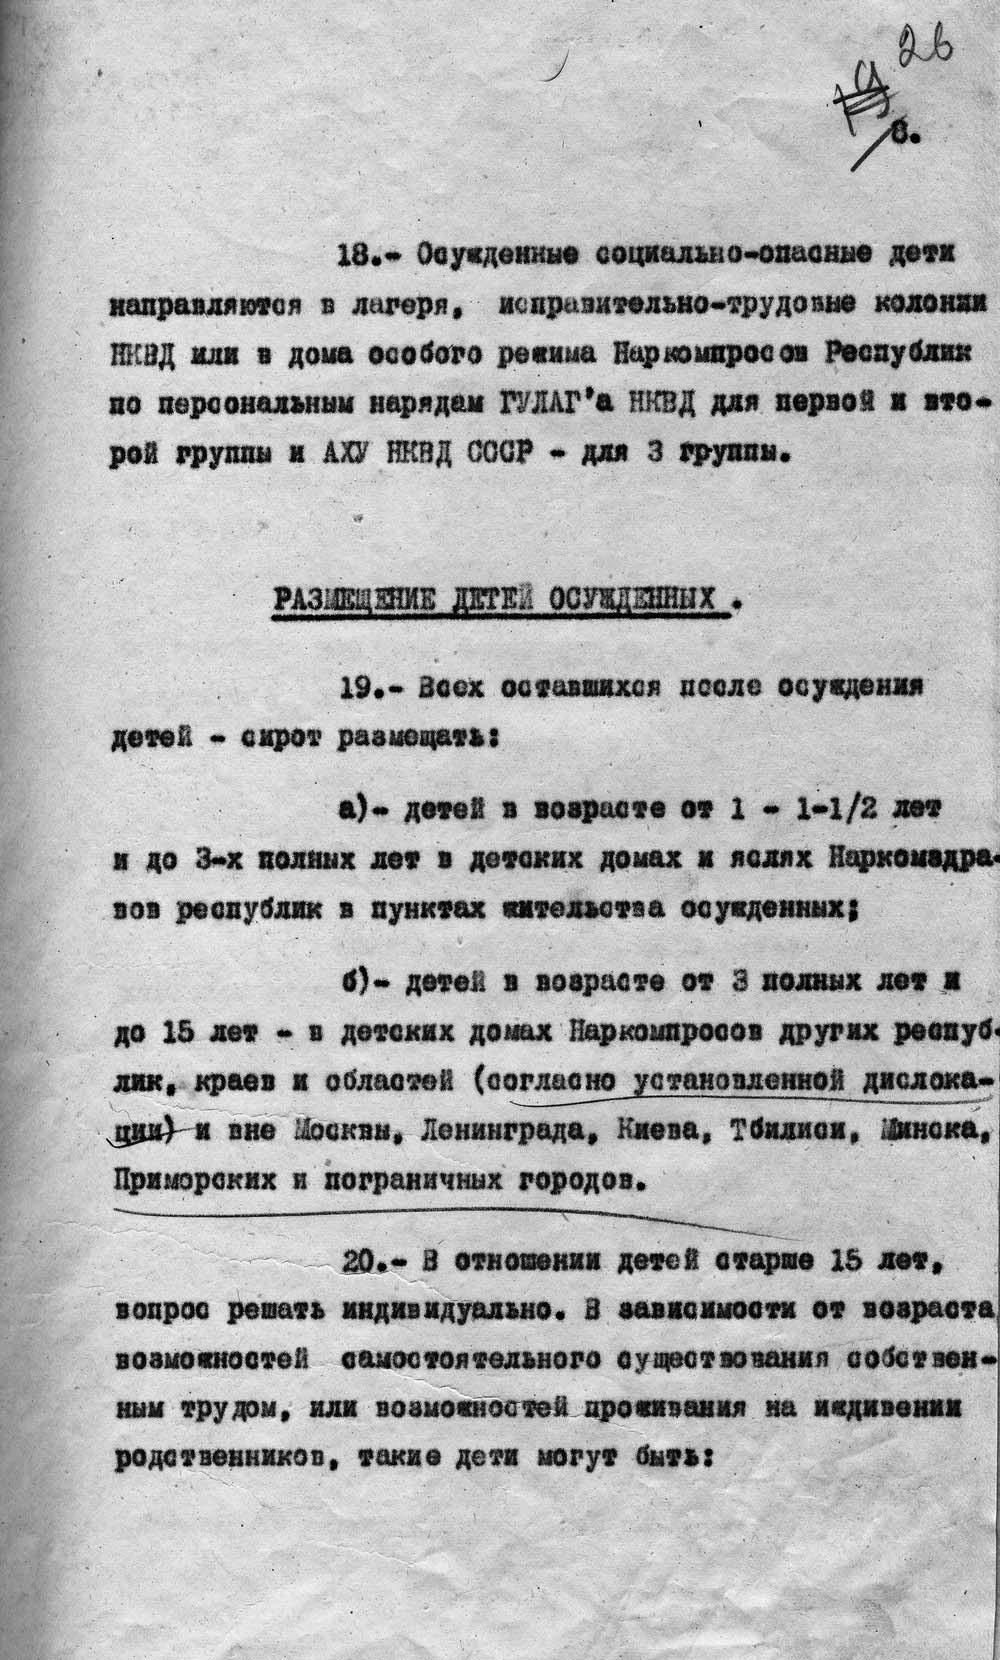 15 АВГУСТА 1937 года - Оперативный приказ НКВД СССР № 00486 о репрессировании «жен изменников Родины, членов правотроцкистских шпионско-дивесионных организаций, осужденных Военной коллегией и военными трибуналами по первой и второй категории